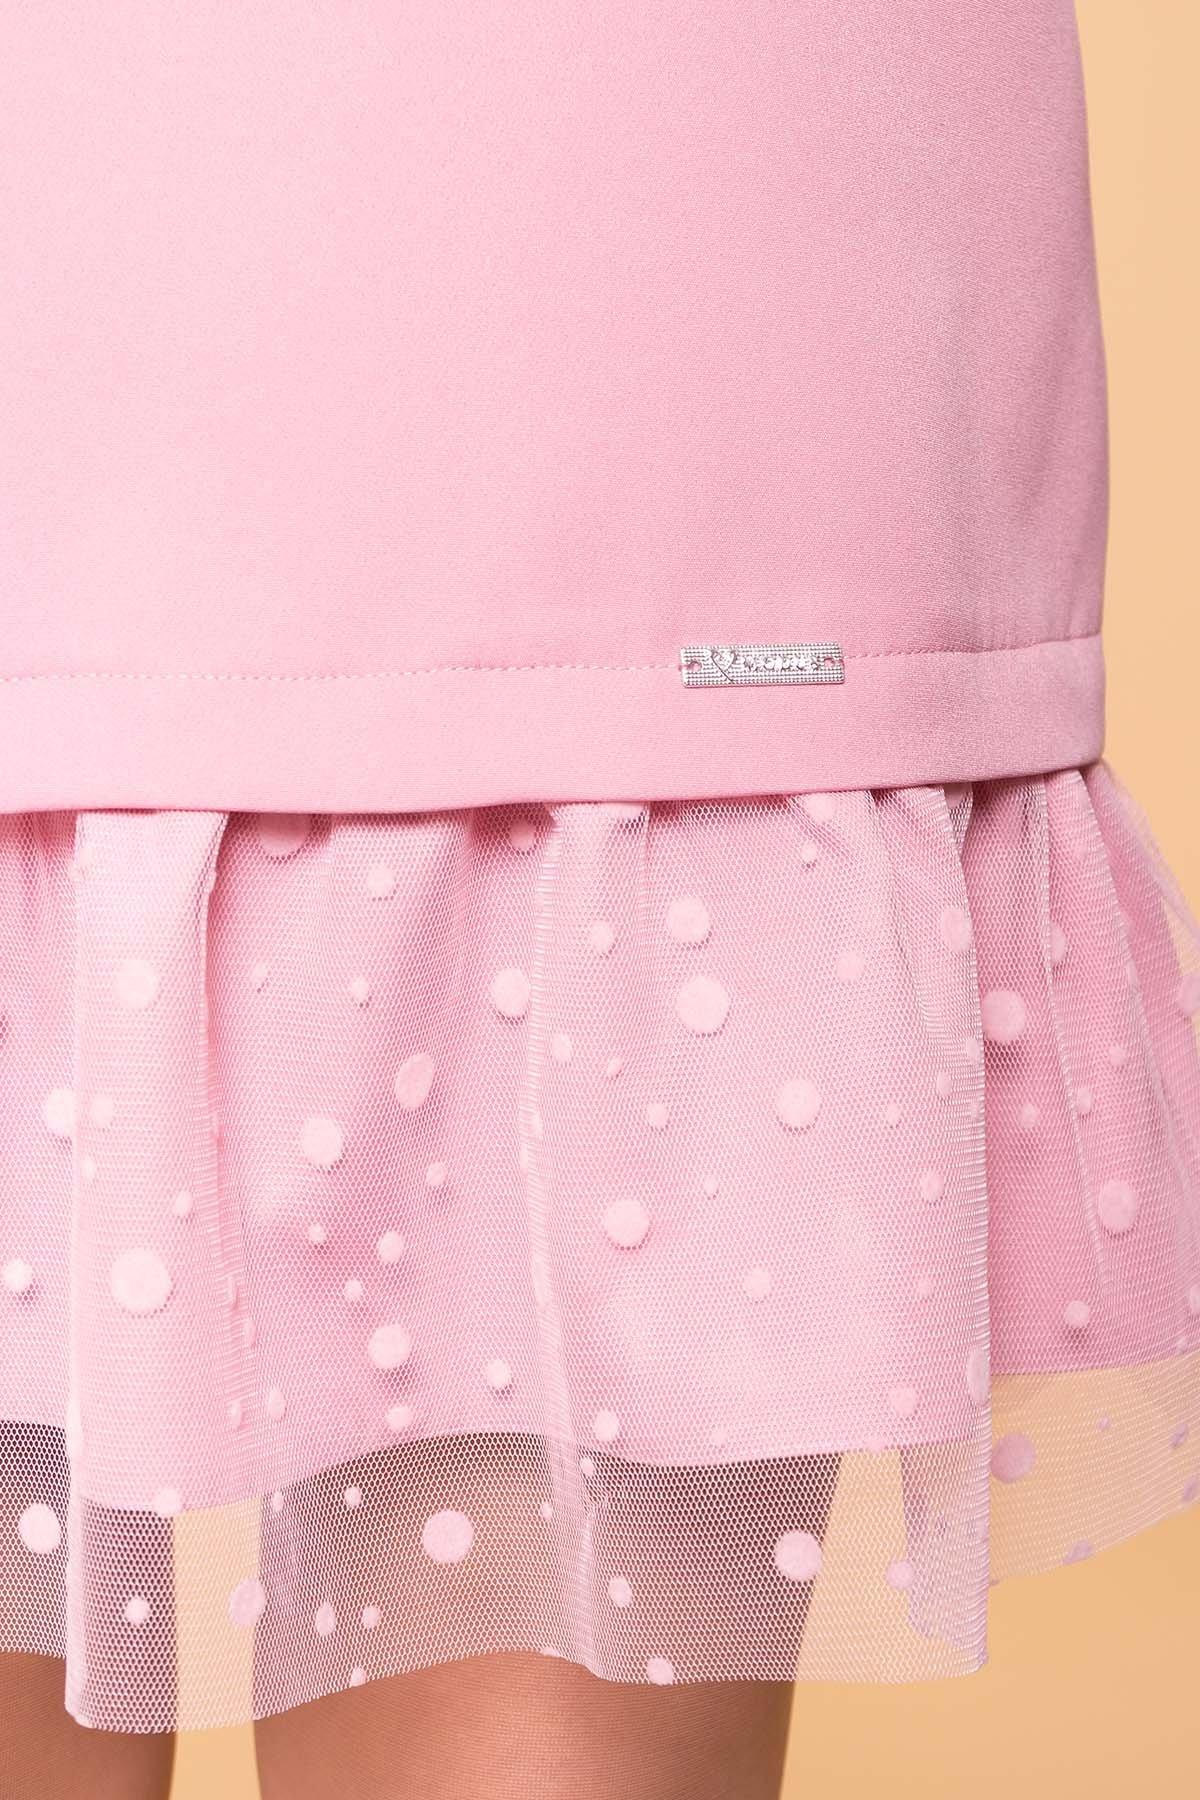 Платье Грейси 5949 АРТ. 41718 Цвет: Пудра 15 - фото 4, интернет магазин tm-modus.ru